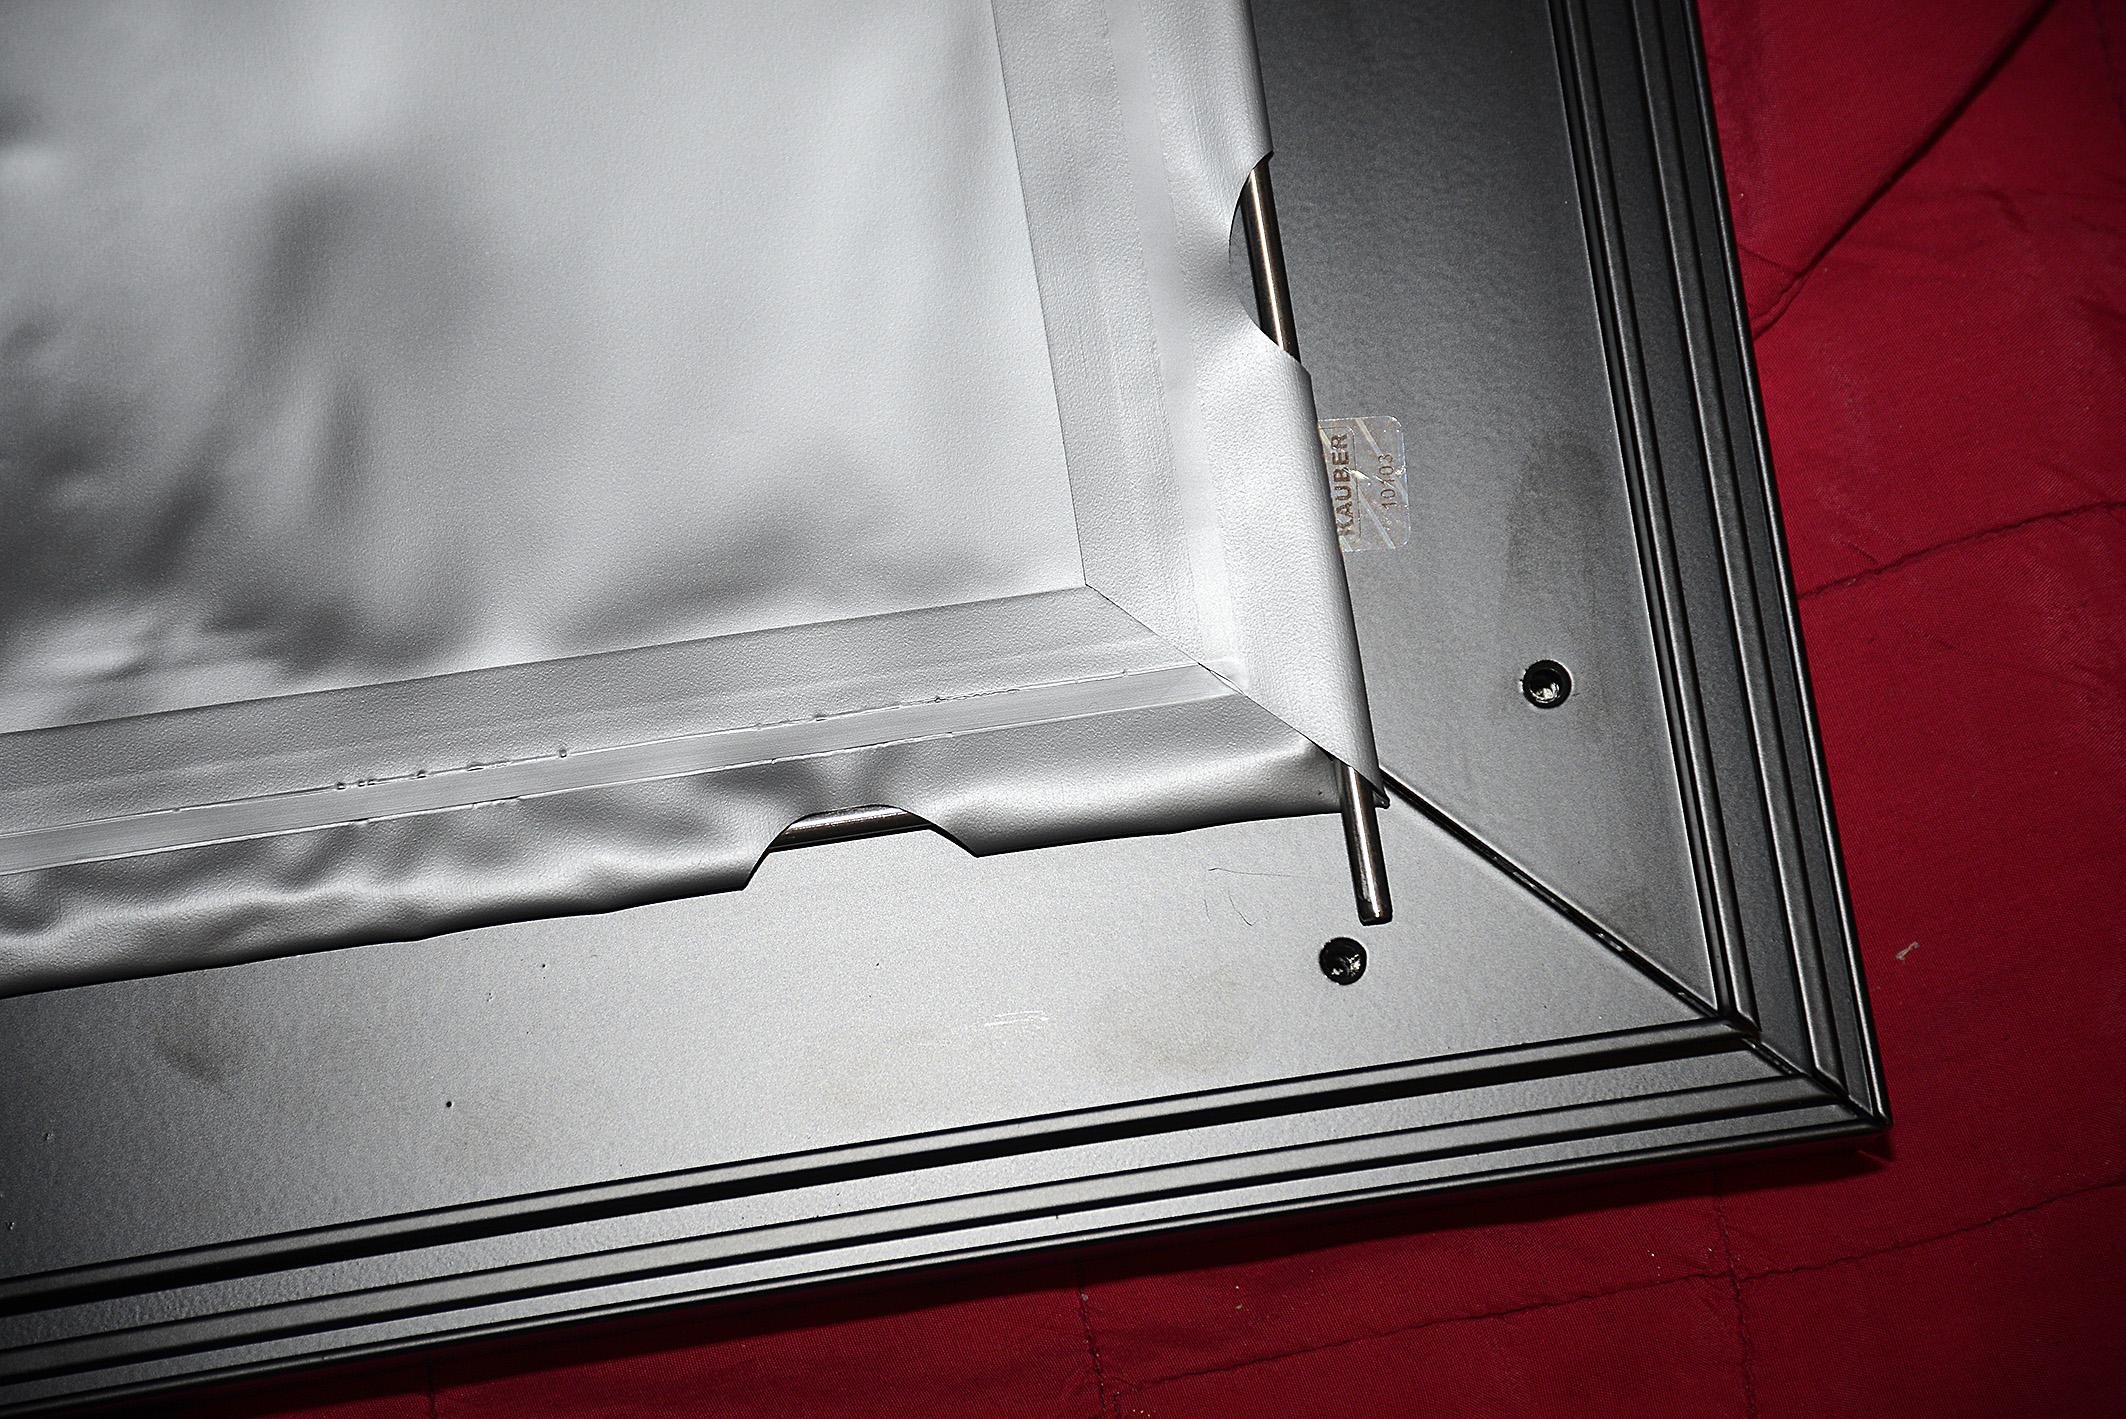 """Foto: Michael B. Rehders Jetzt werden die dünnen Stahlstangen in die """"Taschen"""" geschoben. Das ist allein zwar ein wenig fummelig, gelingt am Ende aber doch recht zügig."""